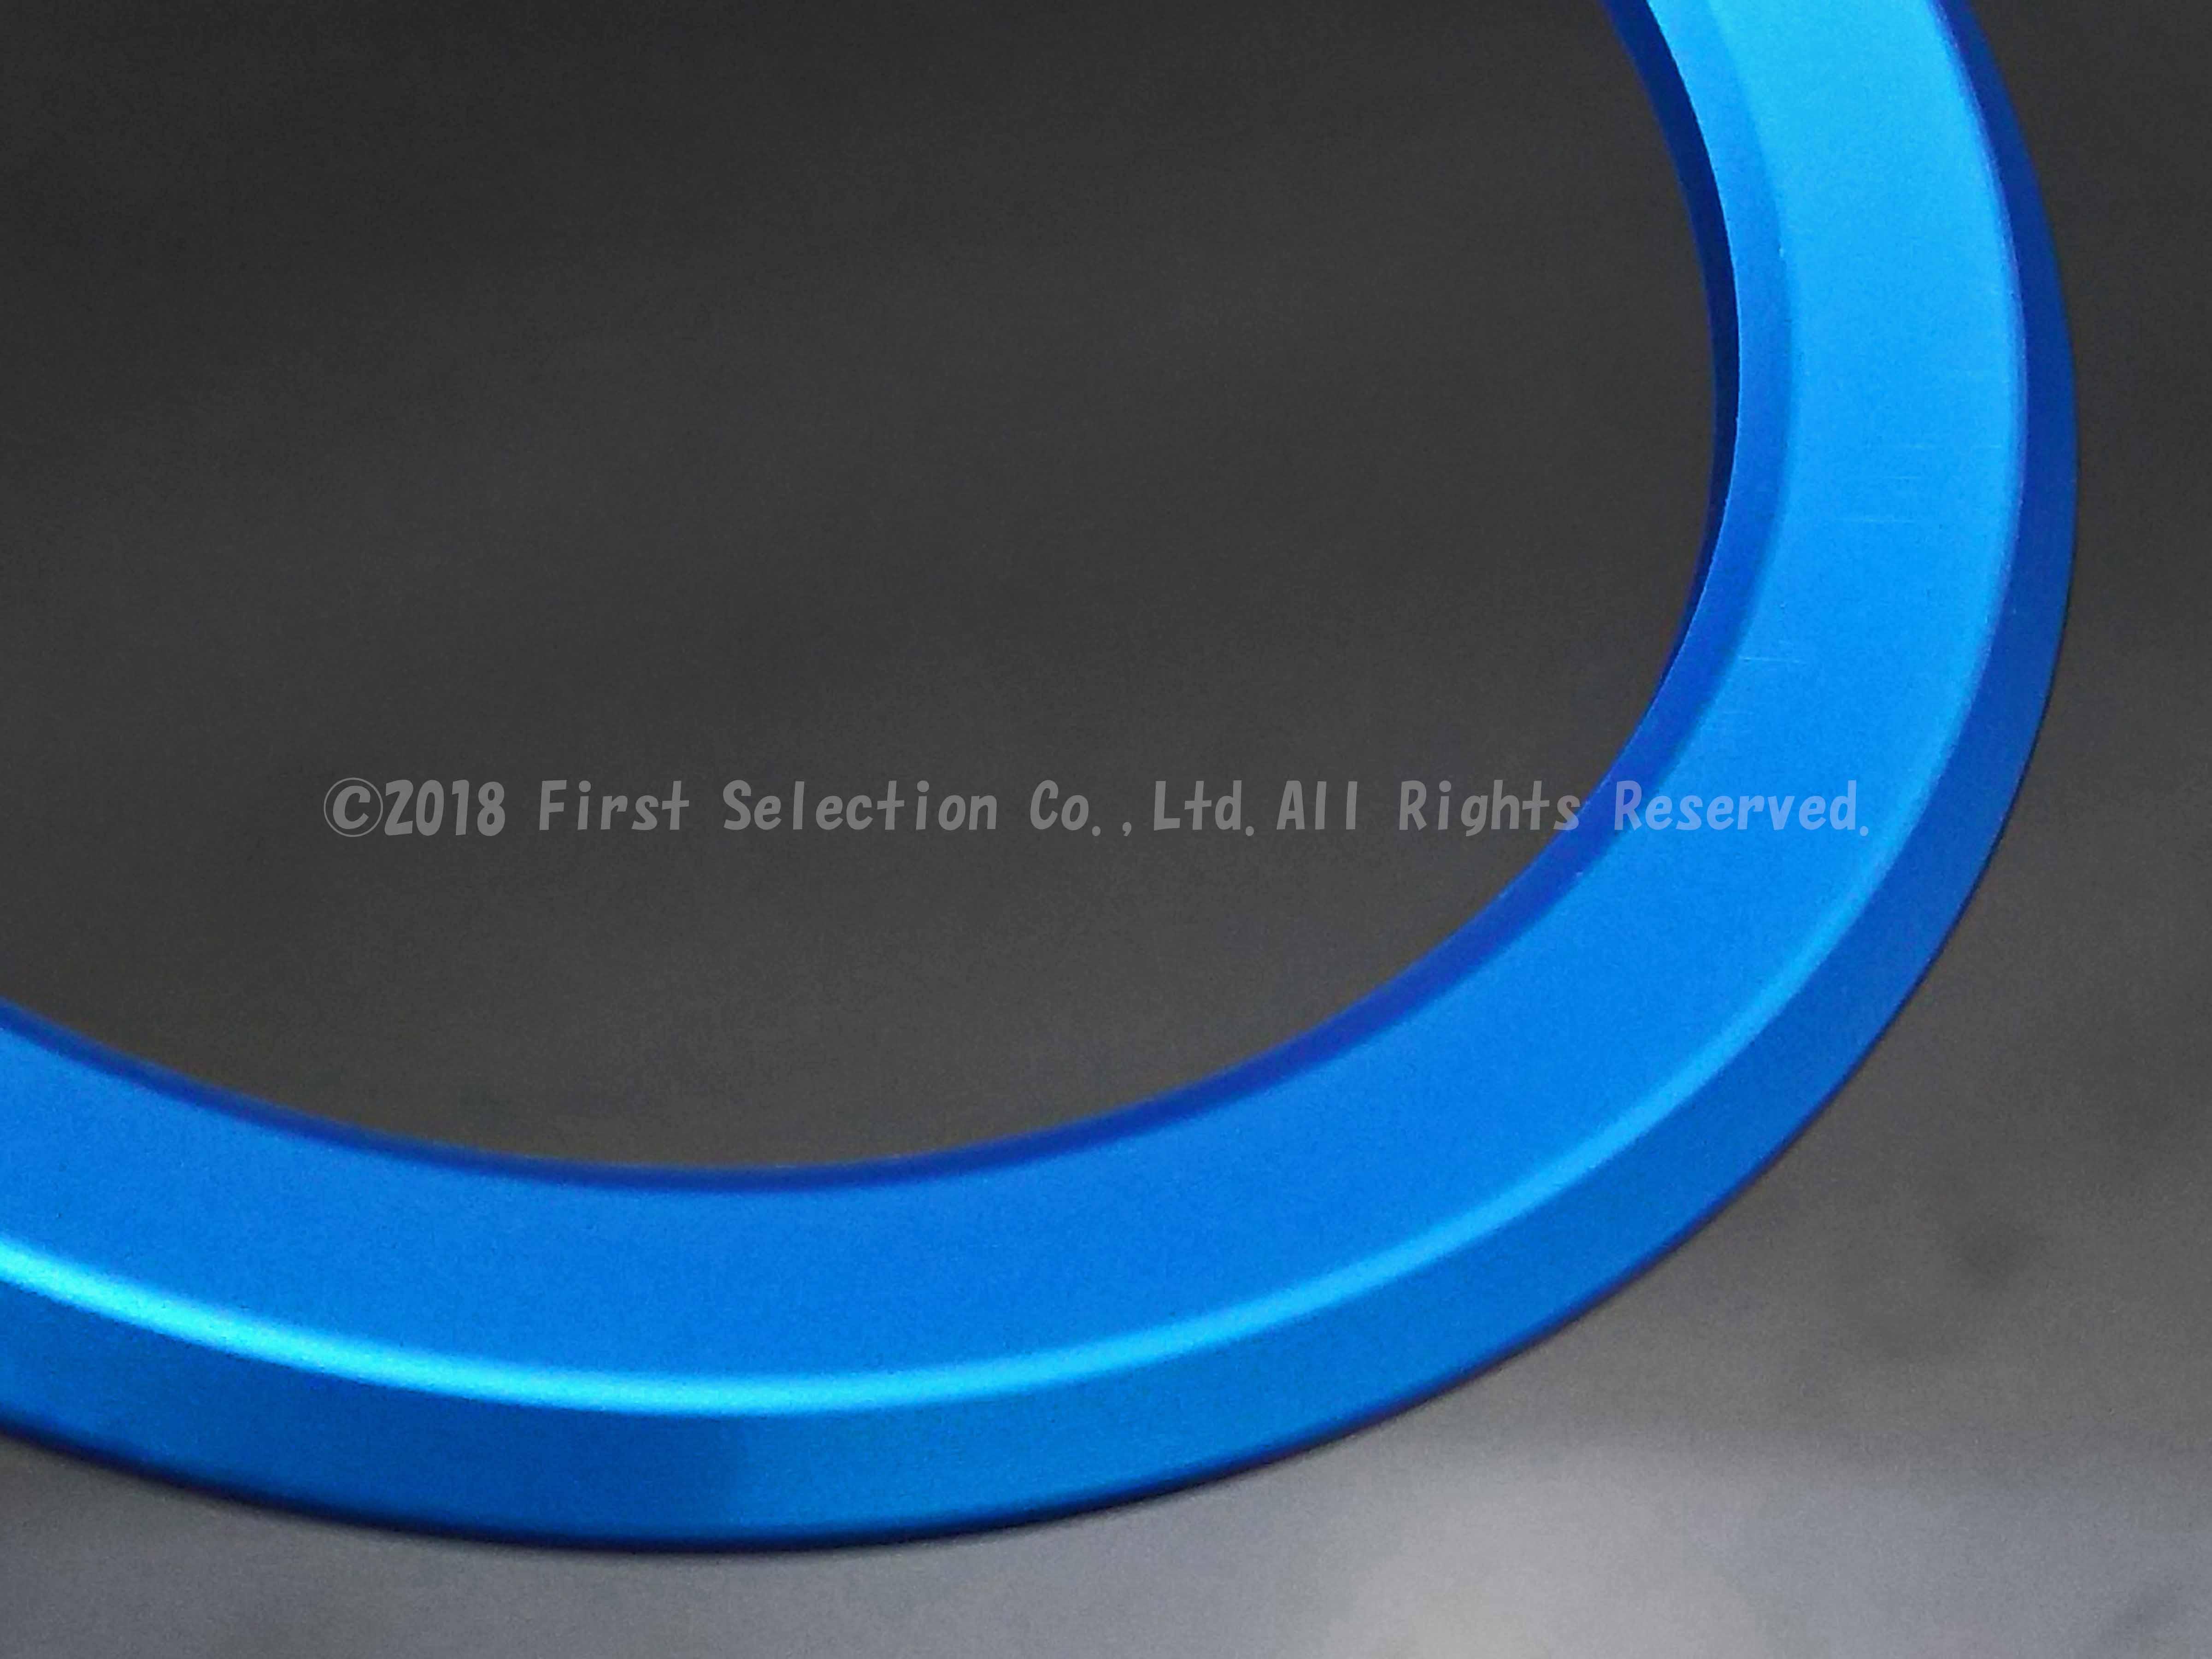 BMW車用 ハンドルセンターカラーリング ブルー